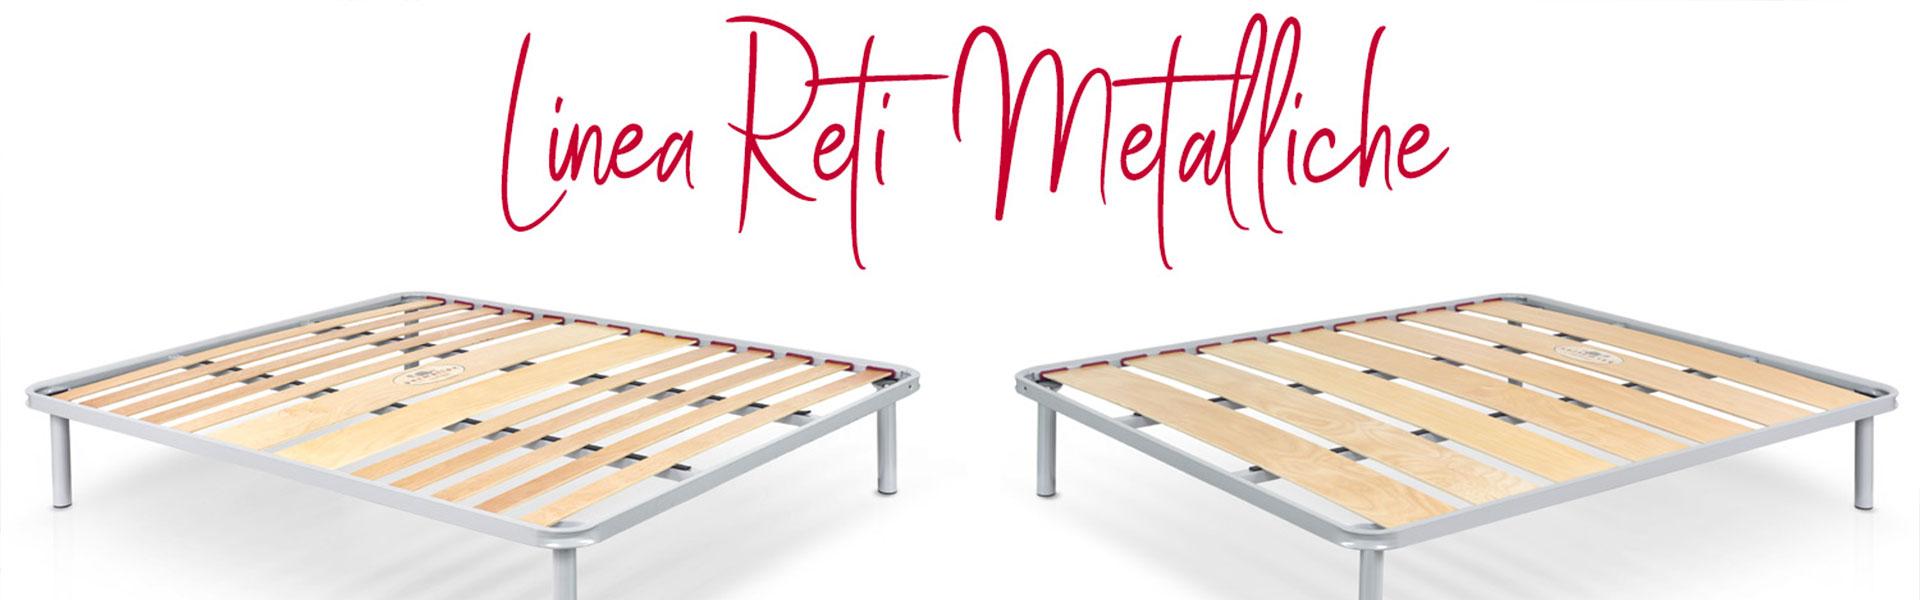 permaflex-milano-reti-metalliche